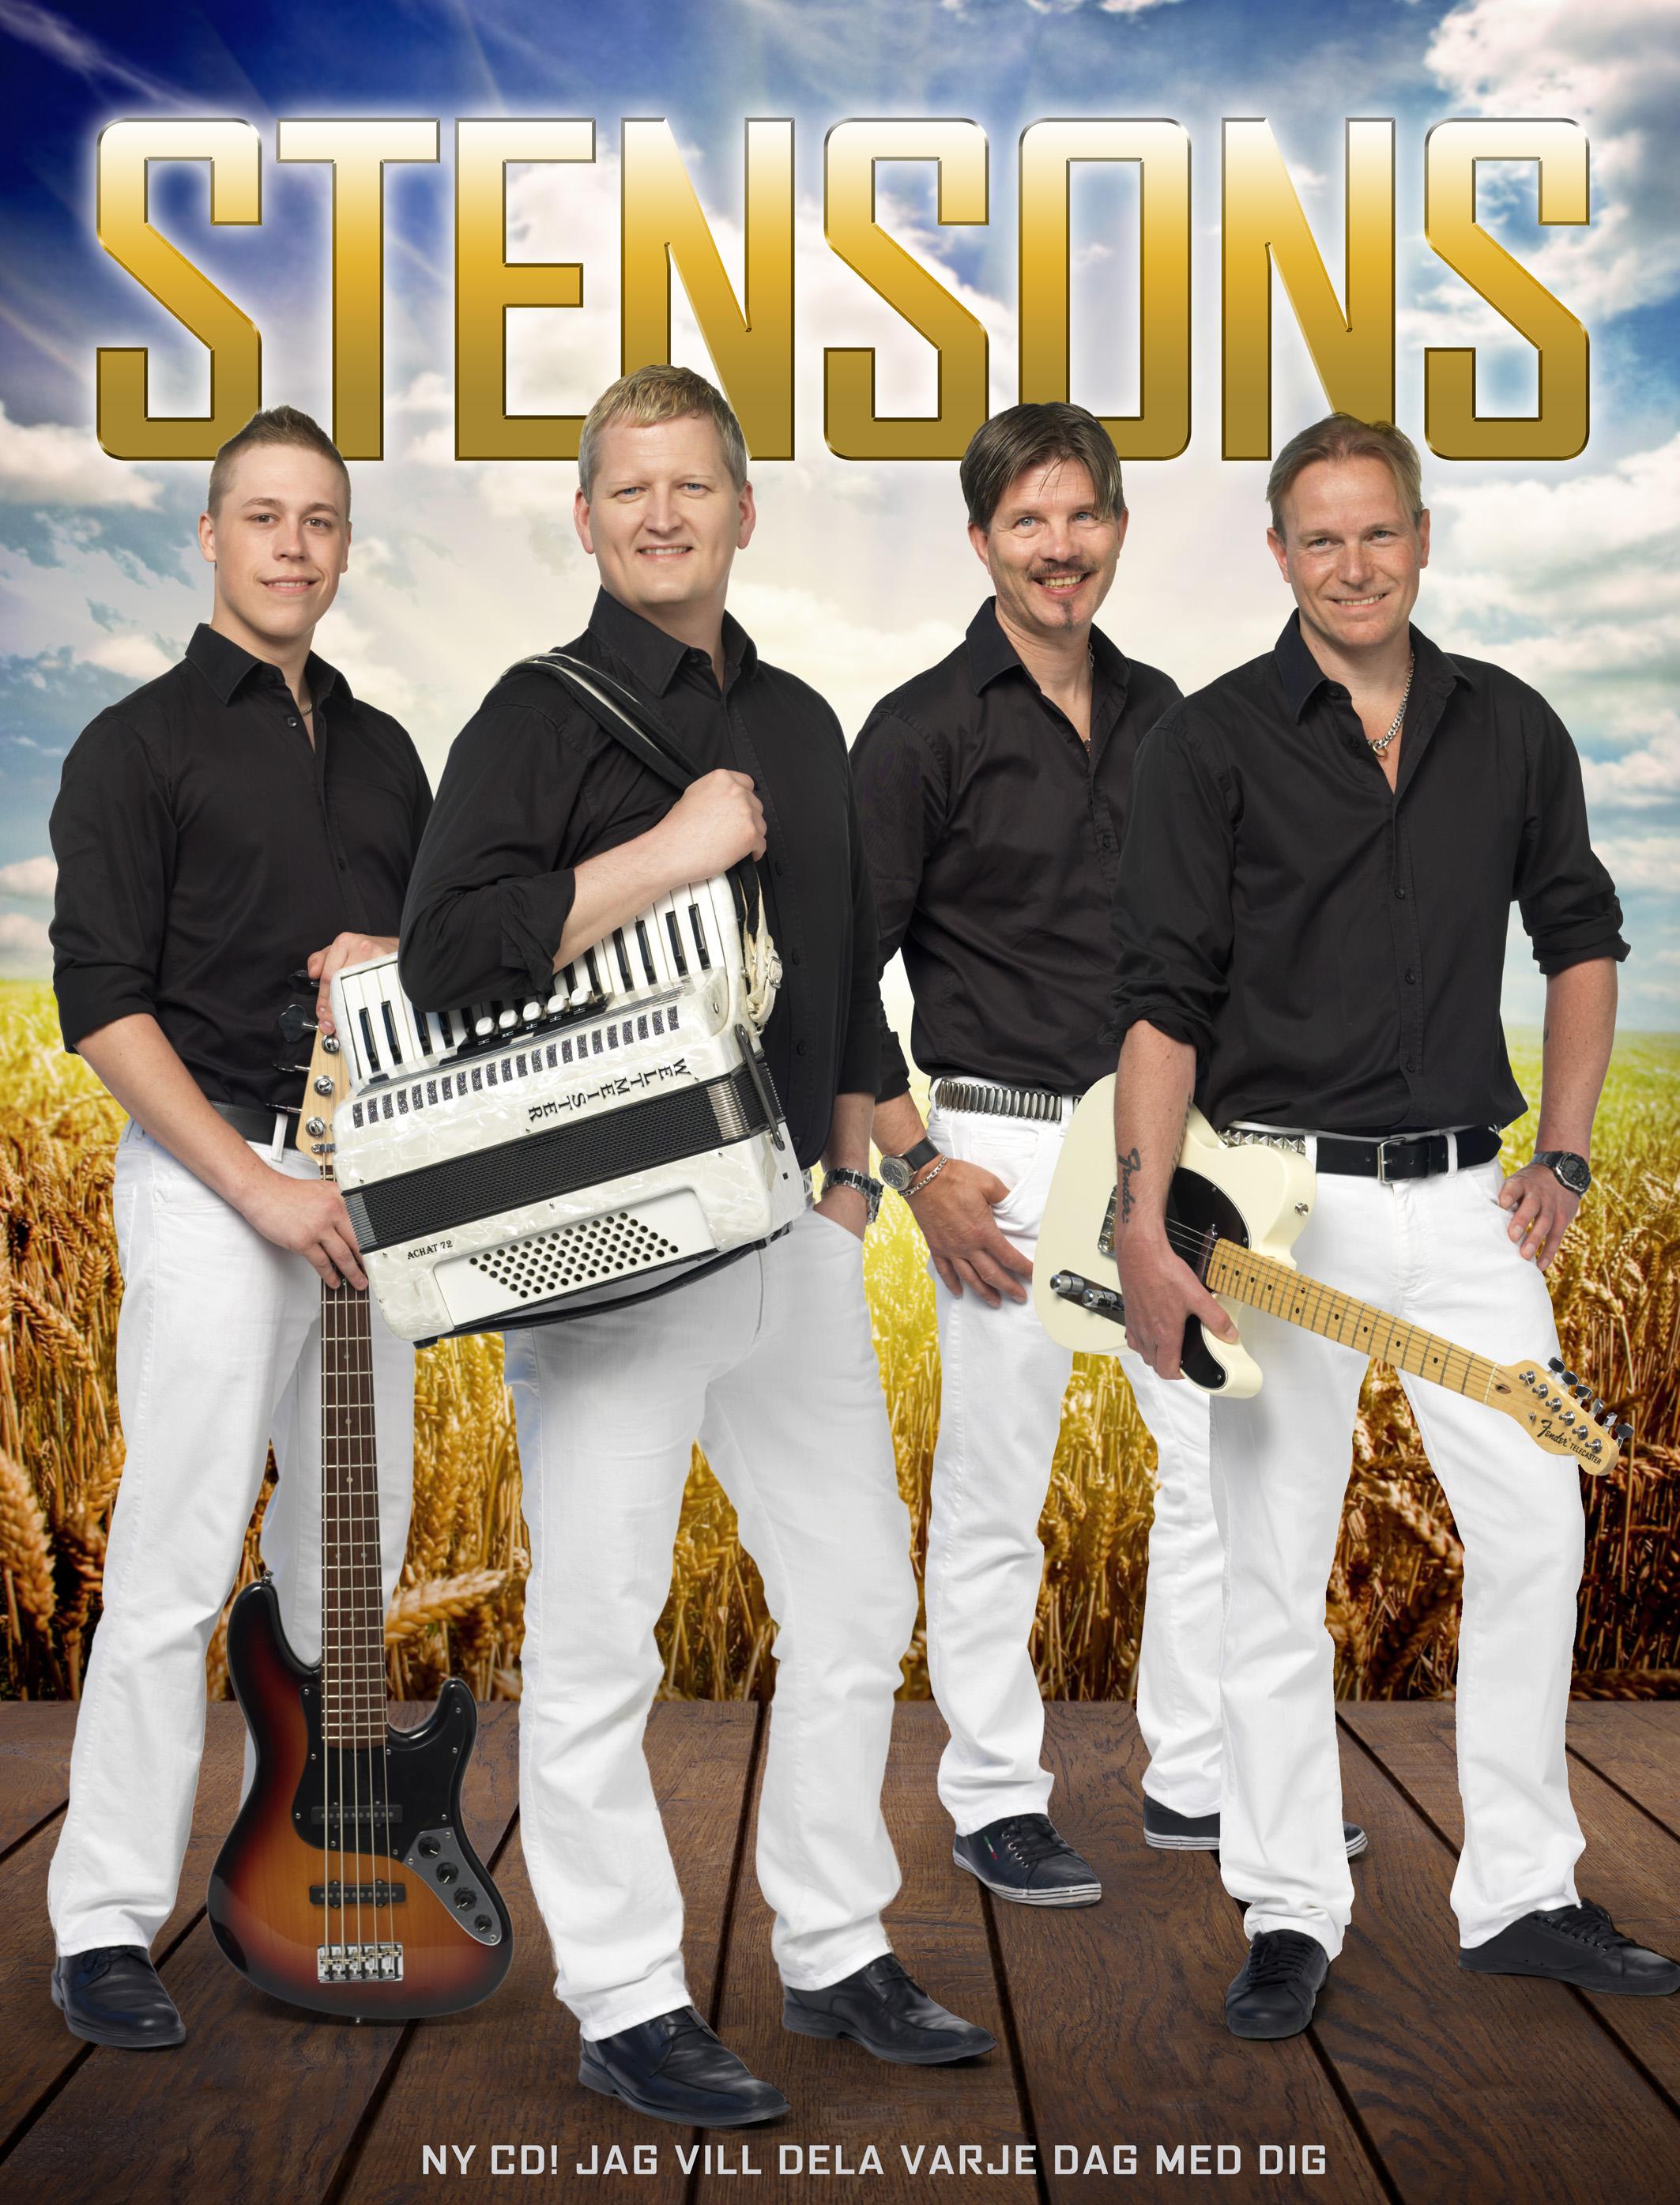 Stensons